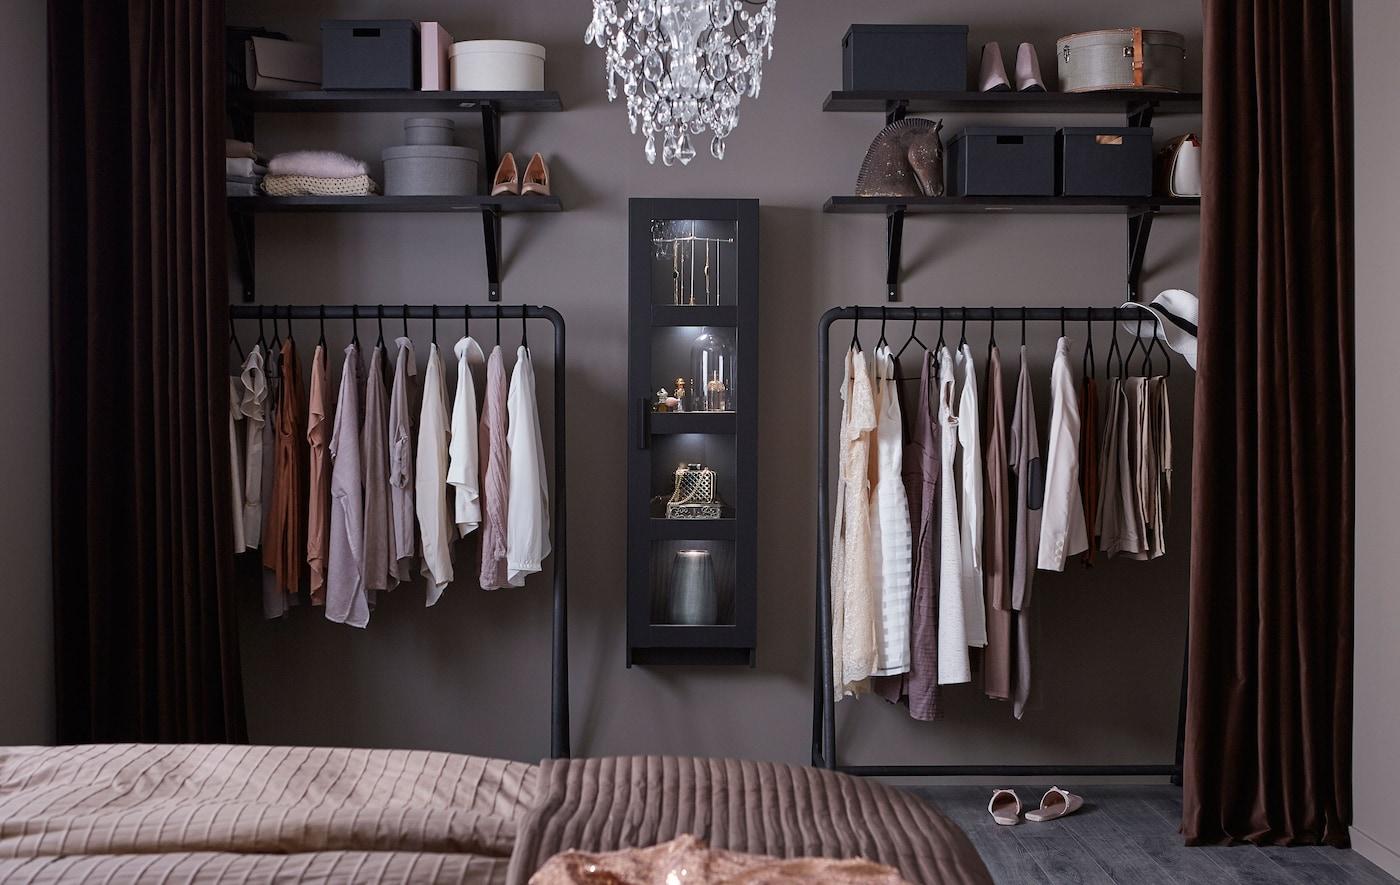 Kleideraufbewahrung Ideen Ordnung Im Kleiderschrank Ikea